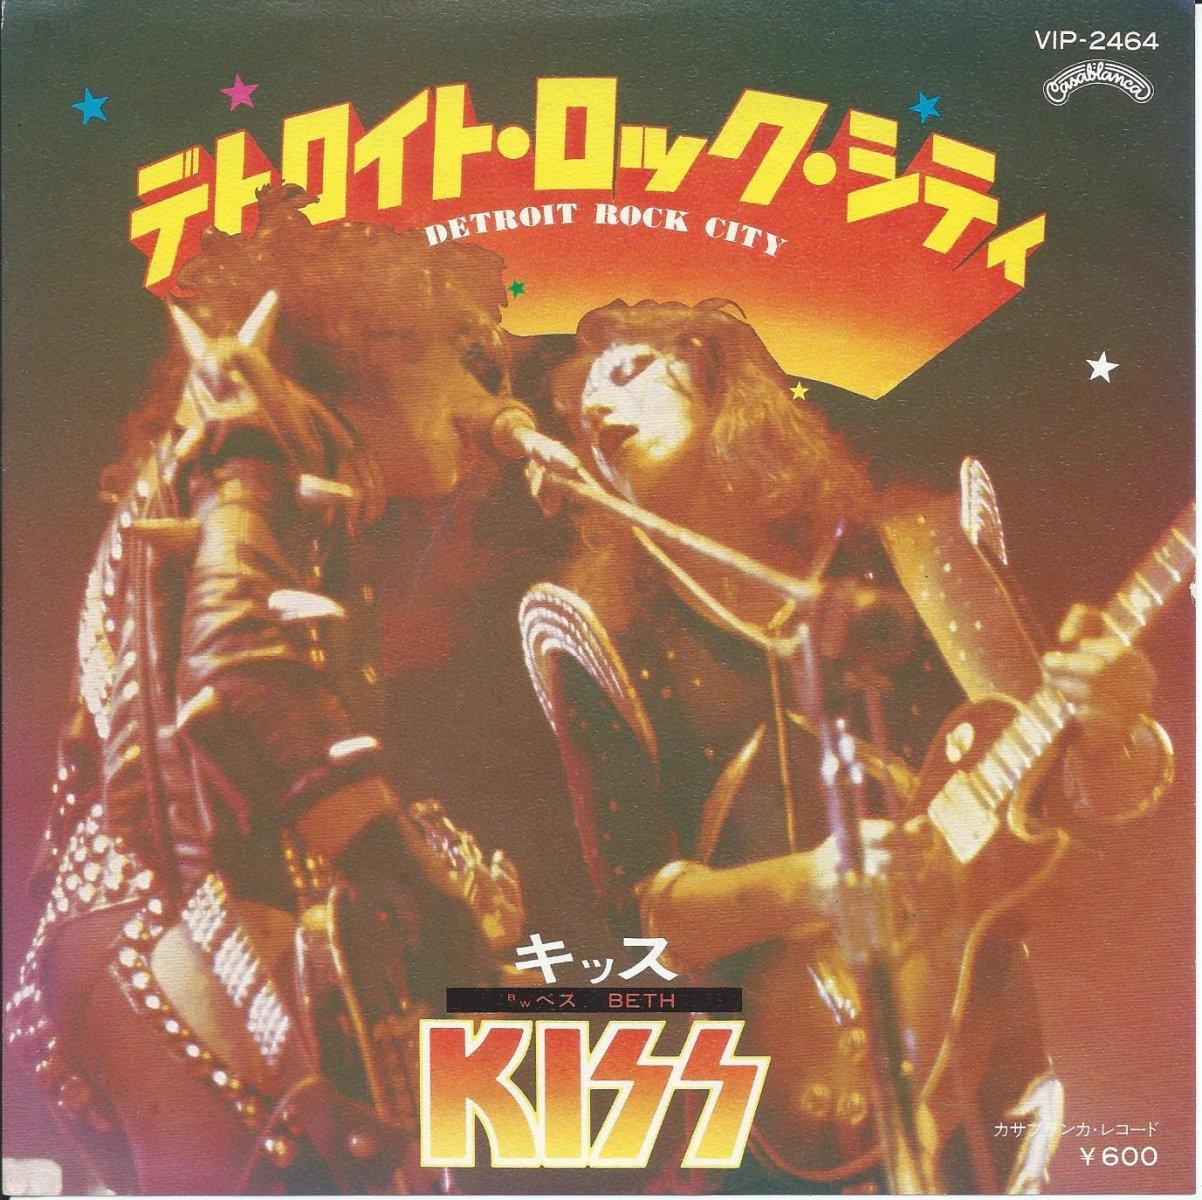 キッス KISS / デトロイト・ロック・シティ  DETROIT ROCK CITY (7